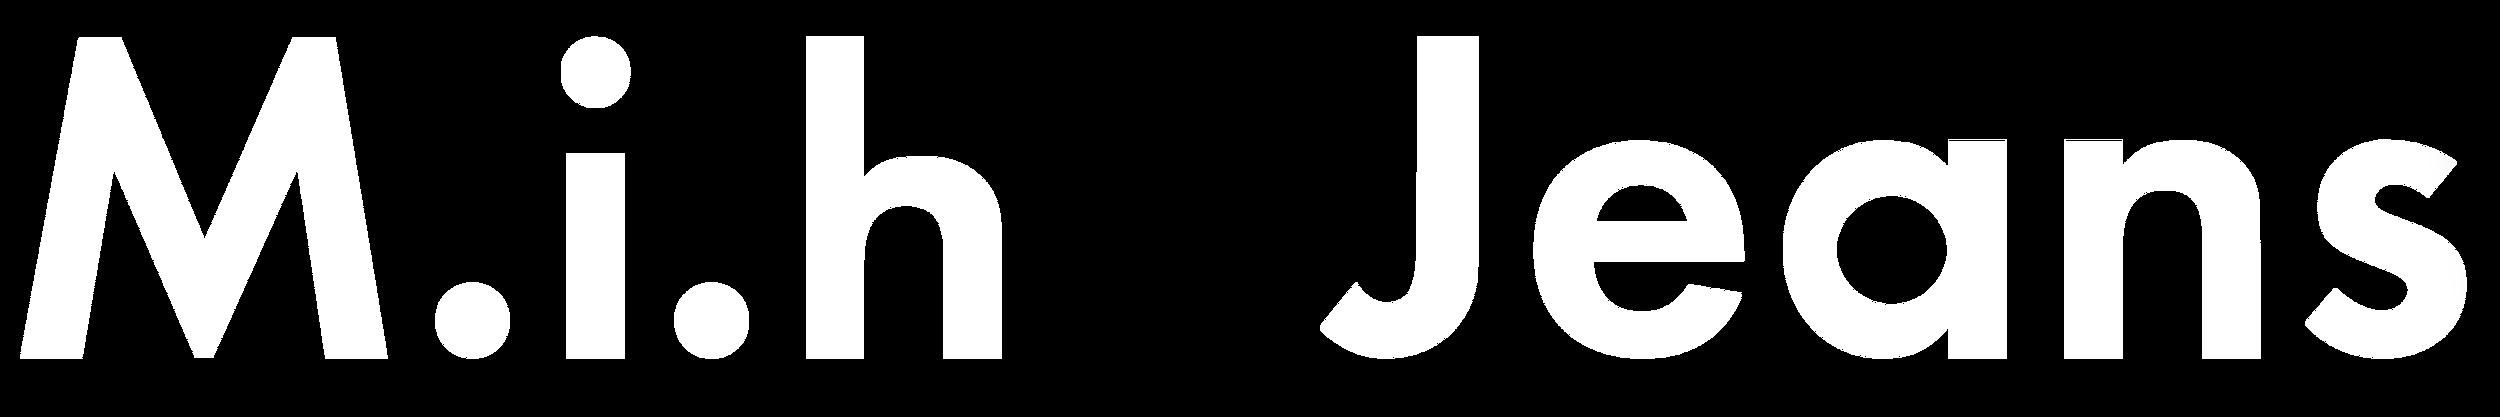 Mih_Jeans_logo_logotype.png